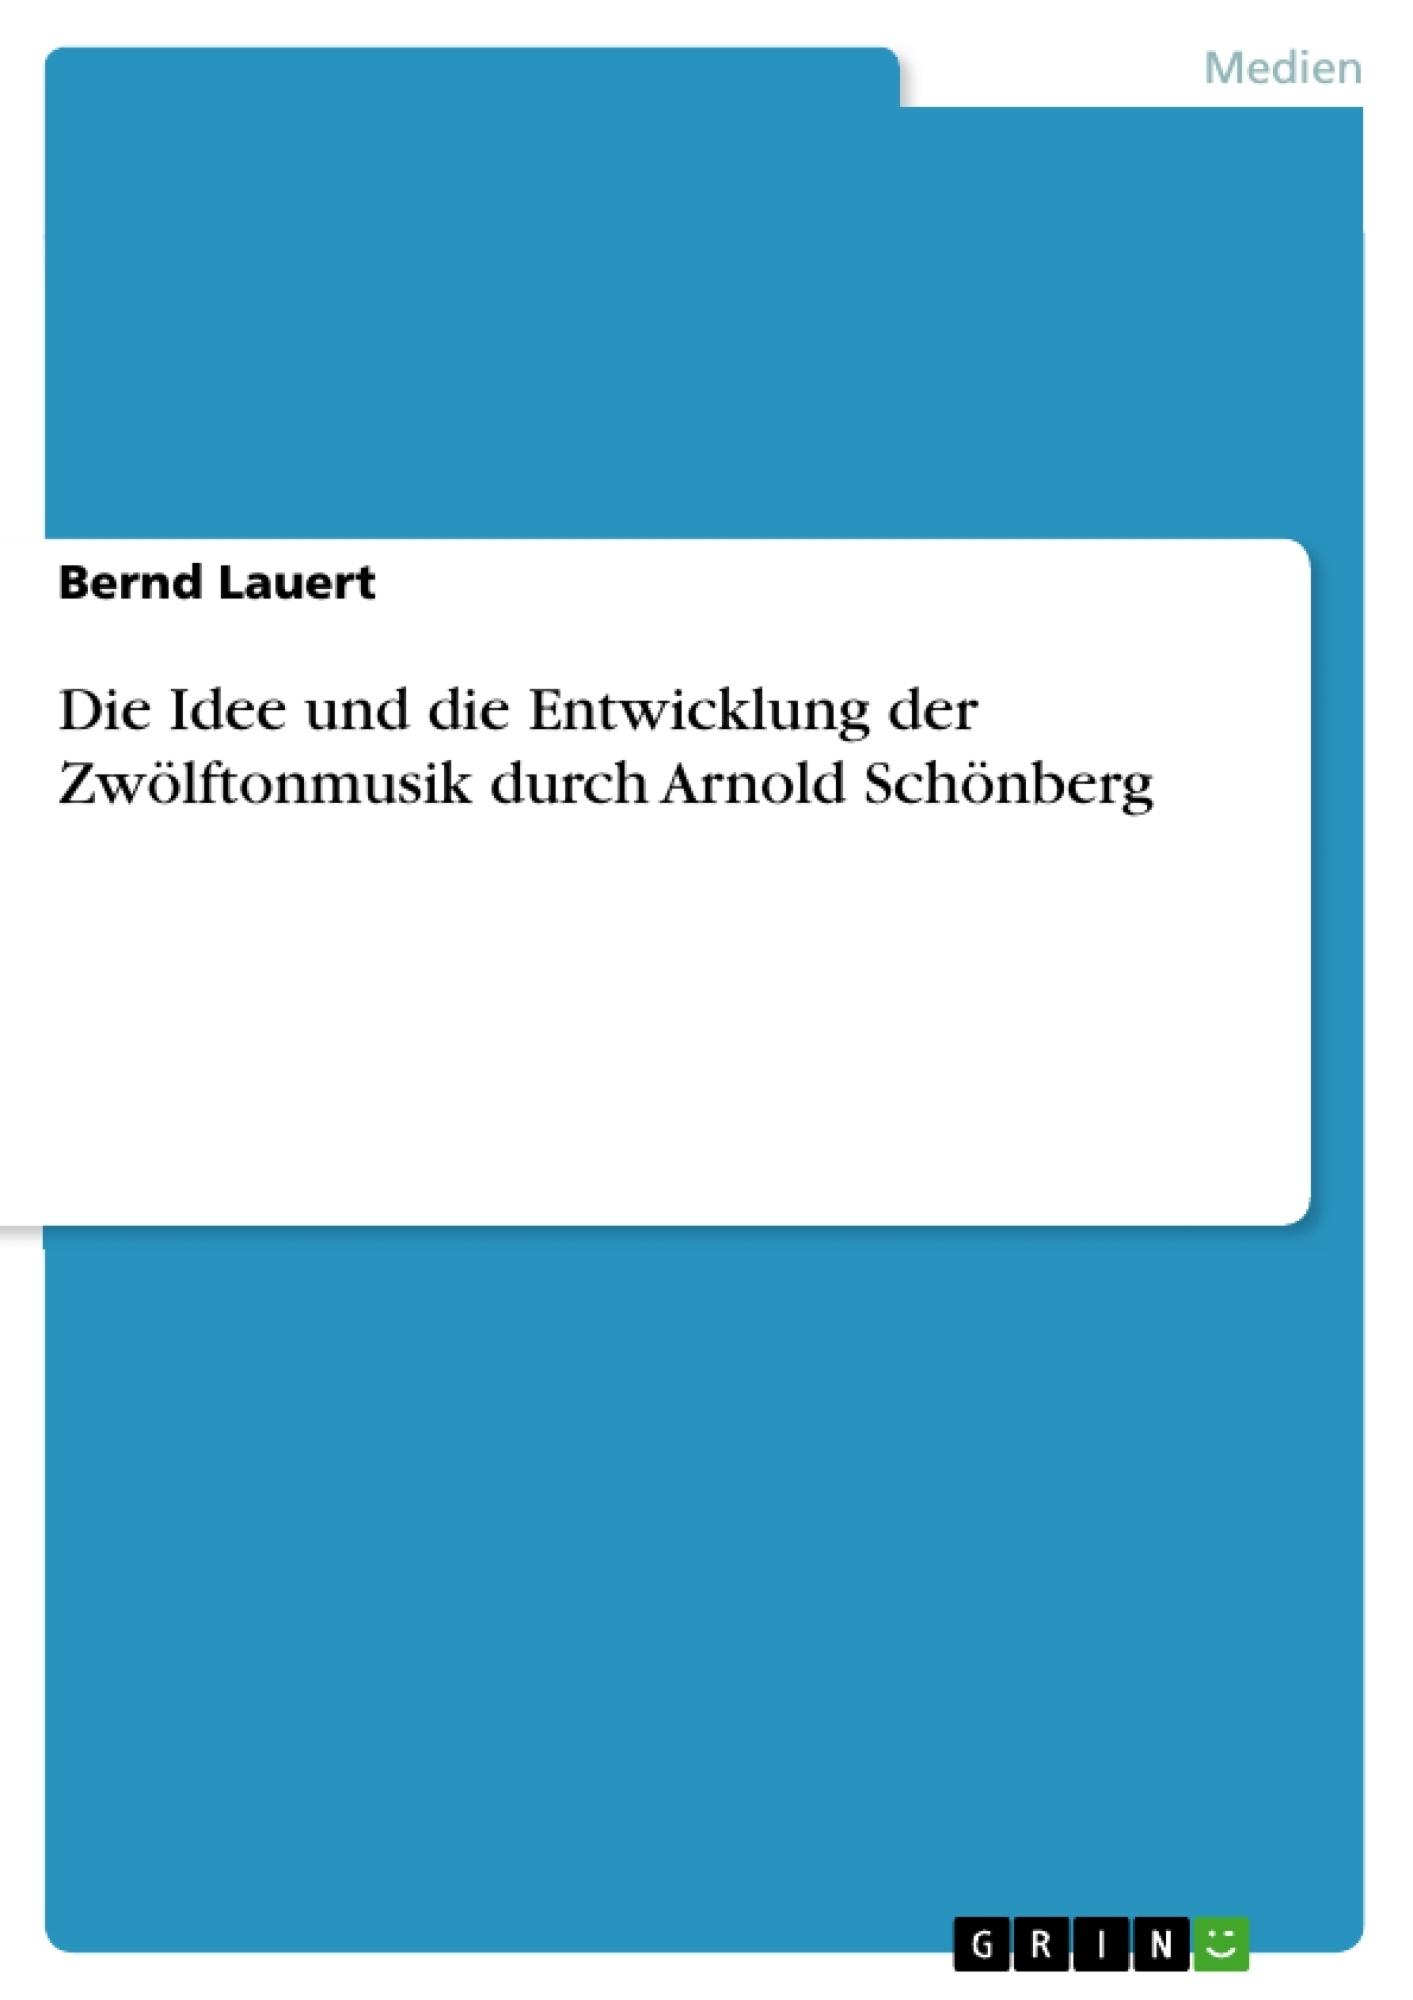 Titel: Die Idee und die Entwicklung der Zwölftonmusik durch Arnold Schönberg